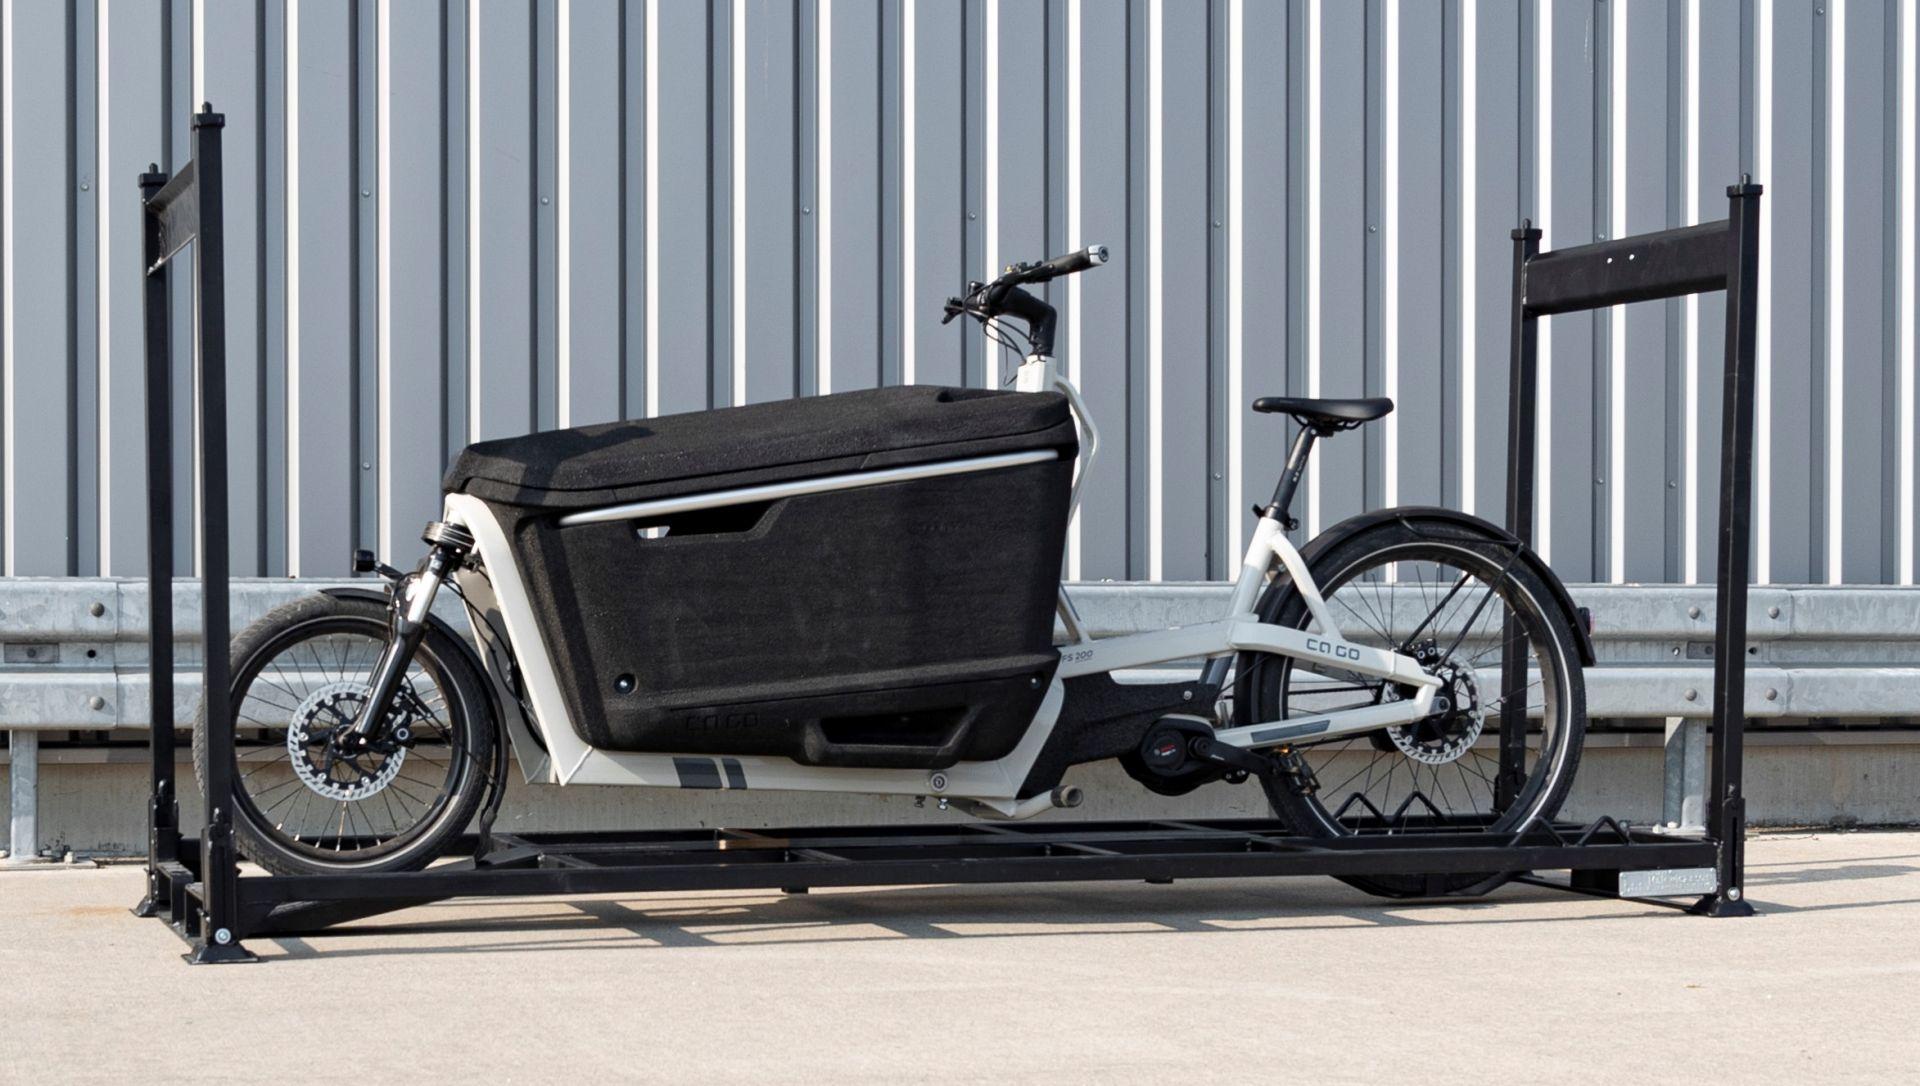 Transportgestell für Elektro-Lasten-Fahrrad